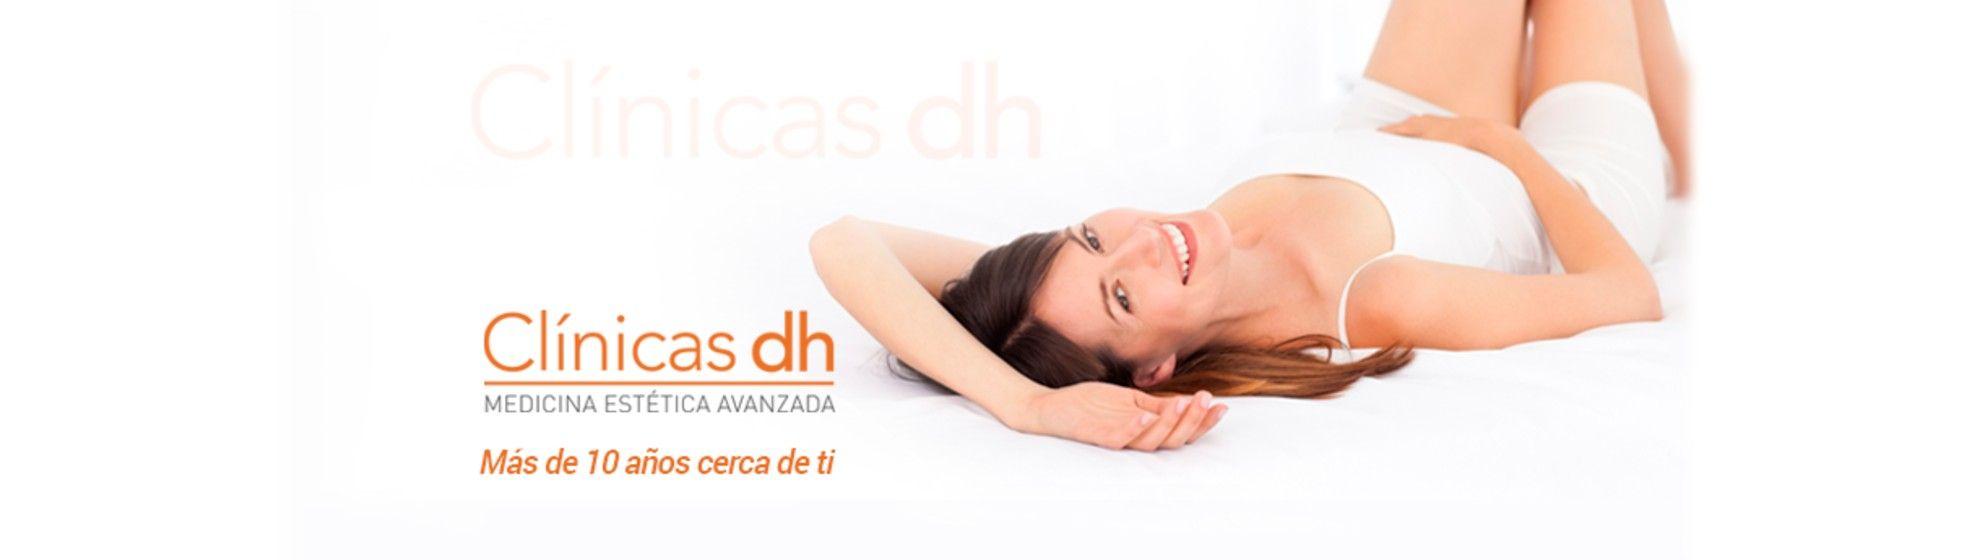 CLINICAS DH Clínicas Médico - Estéticas Zaragoza